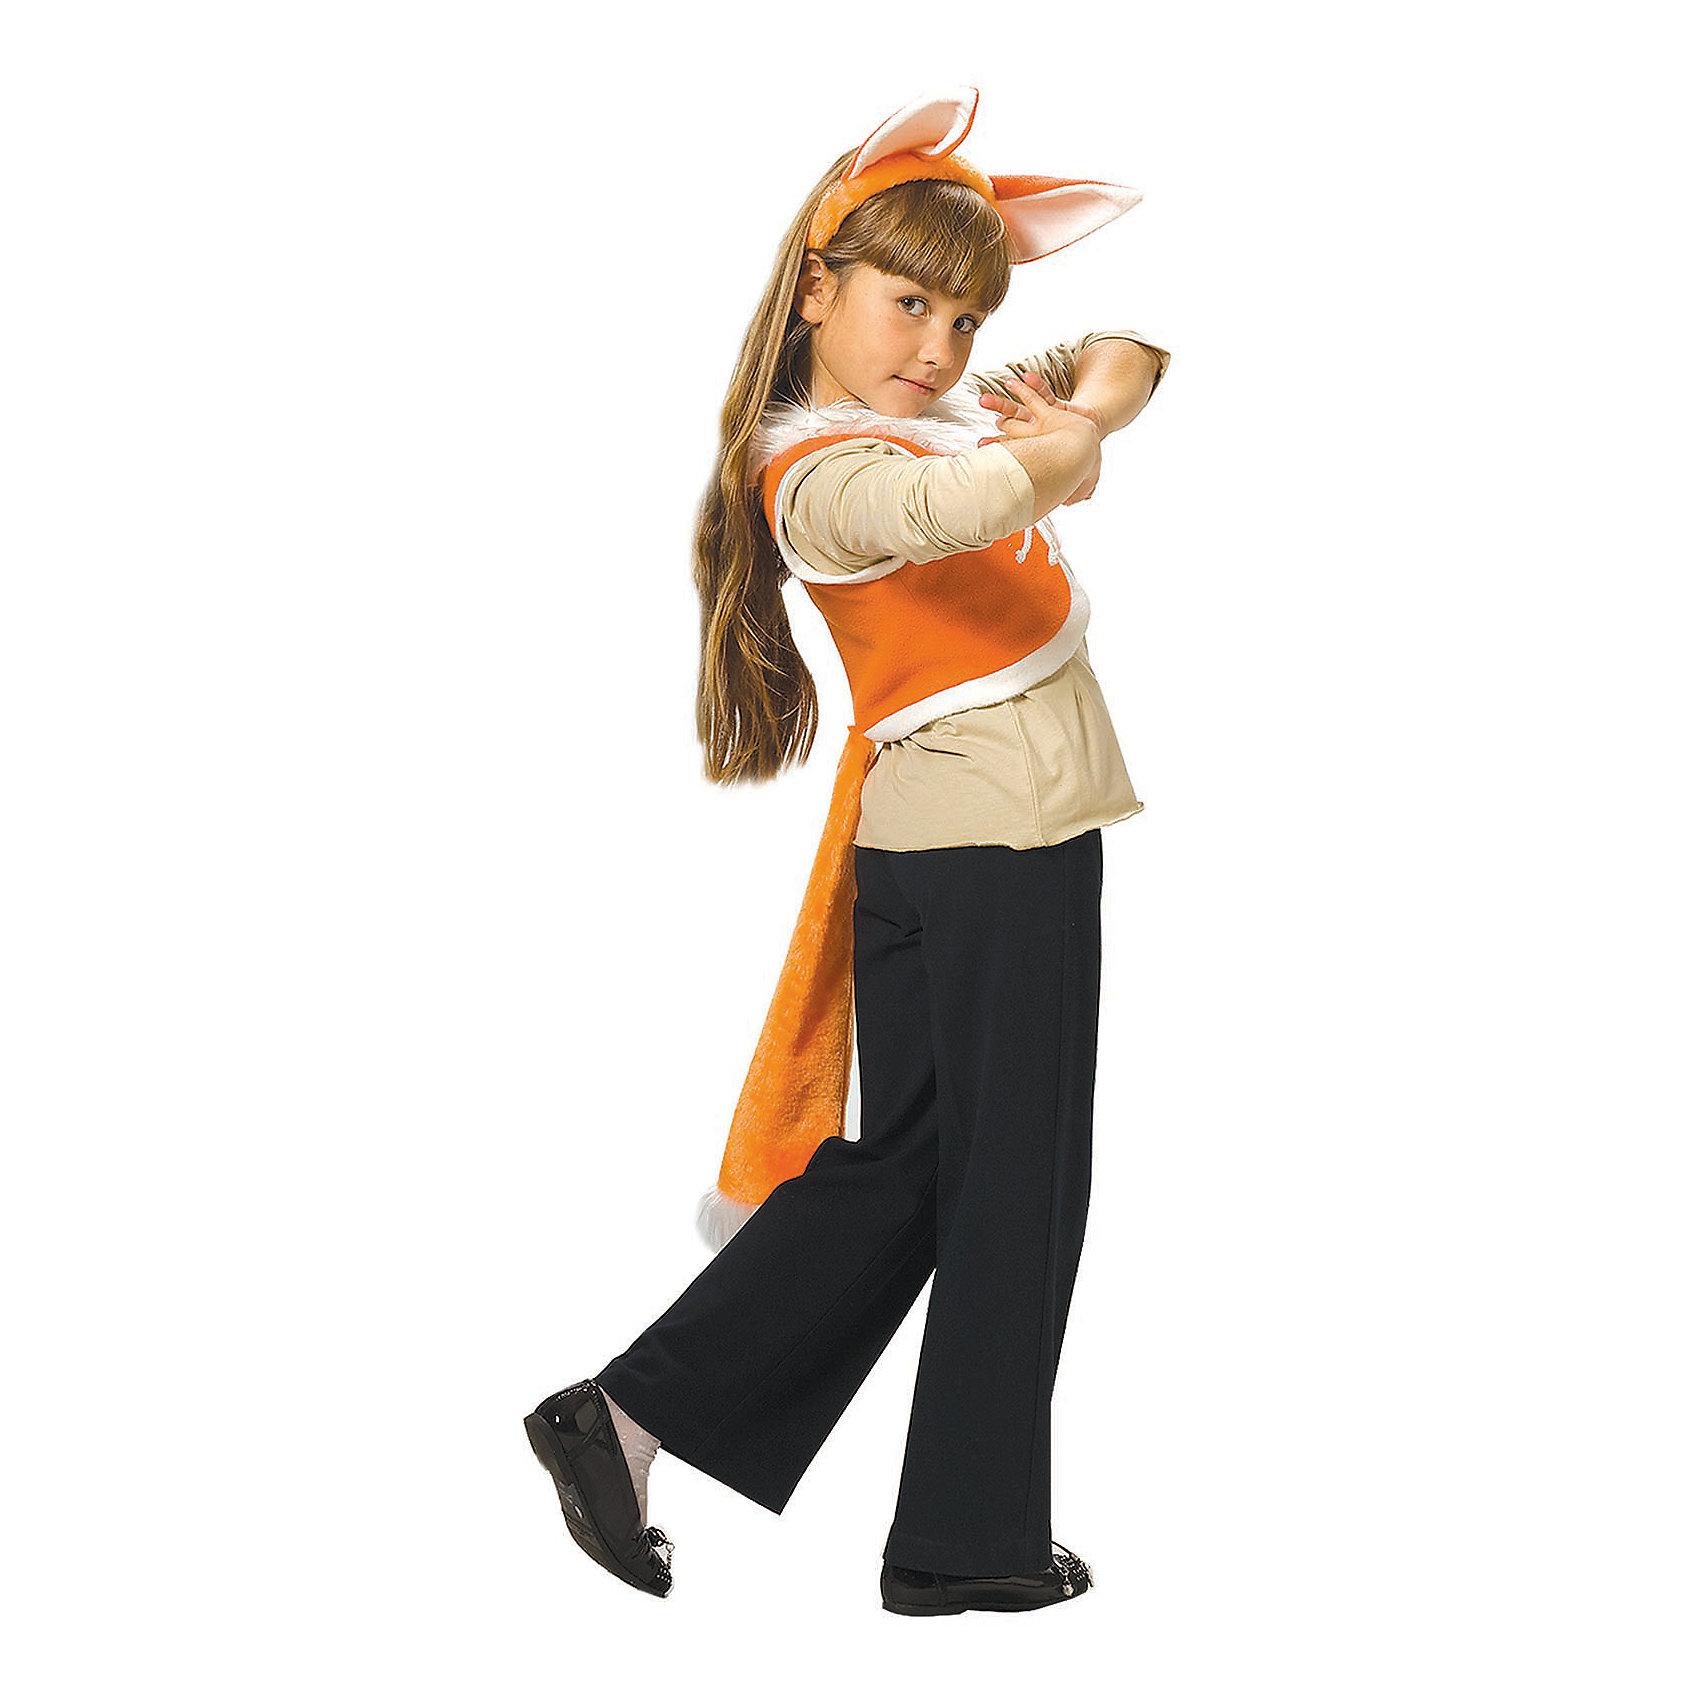 Карнавальный костюм для девочки Лиса, ВестификаКарнавальный костюм Лиса состоит из жилетки и ободка. Жилетка выполнена из мягкого флиса и посажена на хлопчатобумажную подкладку. На груди жилетка завязывается шнурком. К жилетке пришит пушистый лисий хвост. Дополняет комплект ободок с ушками.<br><br>Дополнительная информация:<br><br>Комплектация:<br>Жилетка с хвостиком<br>Ободок с ушками<br>Ткани:<br>Флис (100% полиэстер)<br>Бязь (100% хлопок)<br><br>Карнавальный костюм для девочки Лиса, Вестифика можно купить в нашем магазине.<br><br>Ширина мм: 236<br>Глубина мм: 16<br>Высота мм: 184<br>Вес г: 100<br>Цвет: разноцветный<br>Возраст от месяцев: 48<br>Возраст до месяцев: 60<br>Пол: Женский<br>Возраст: Детский<br>Размер: 104/110,116/122<br>SKU: 4389281